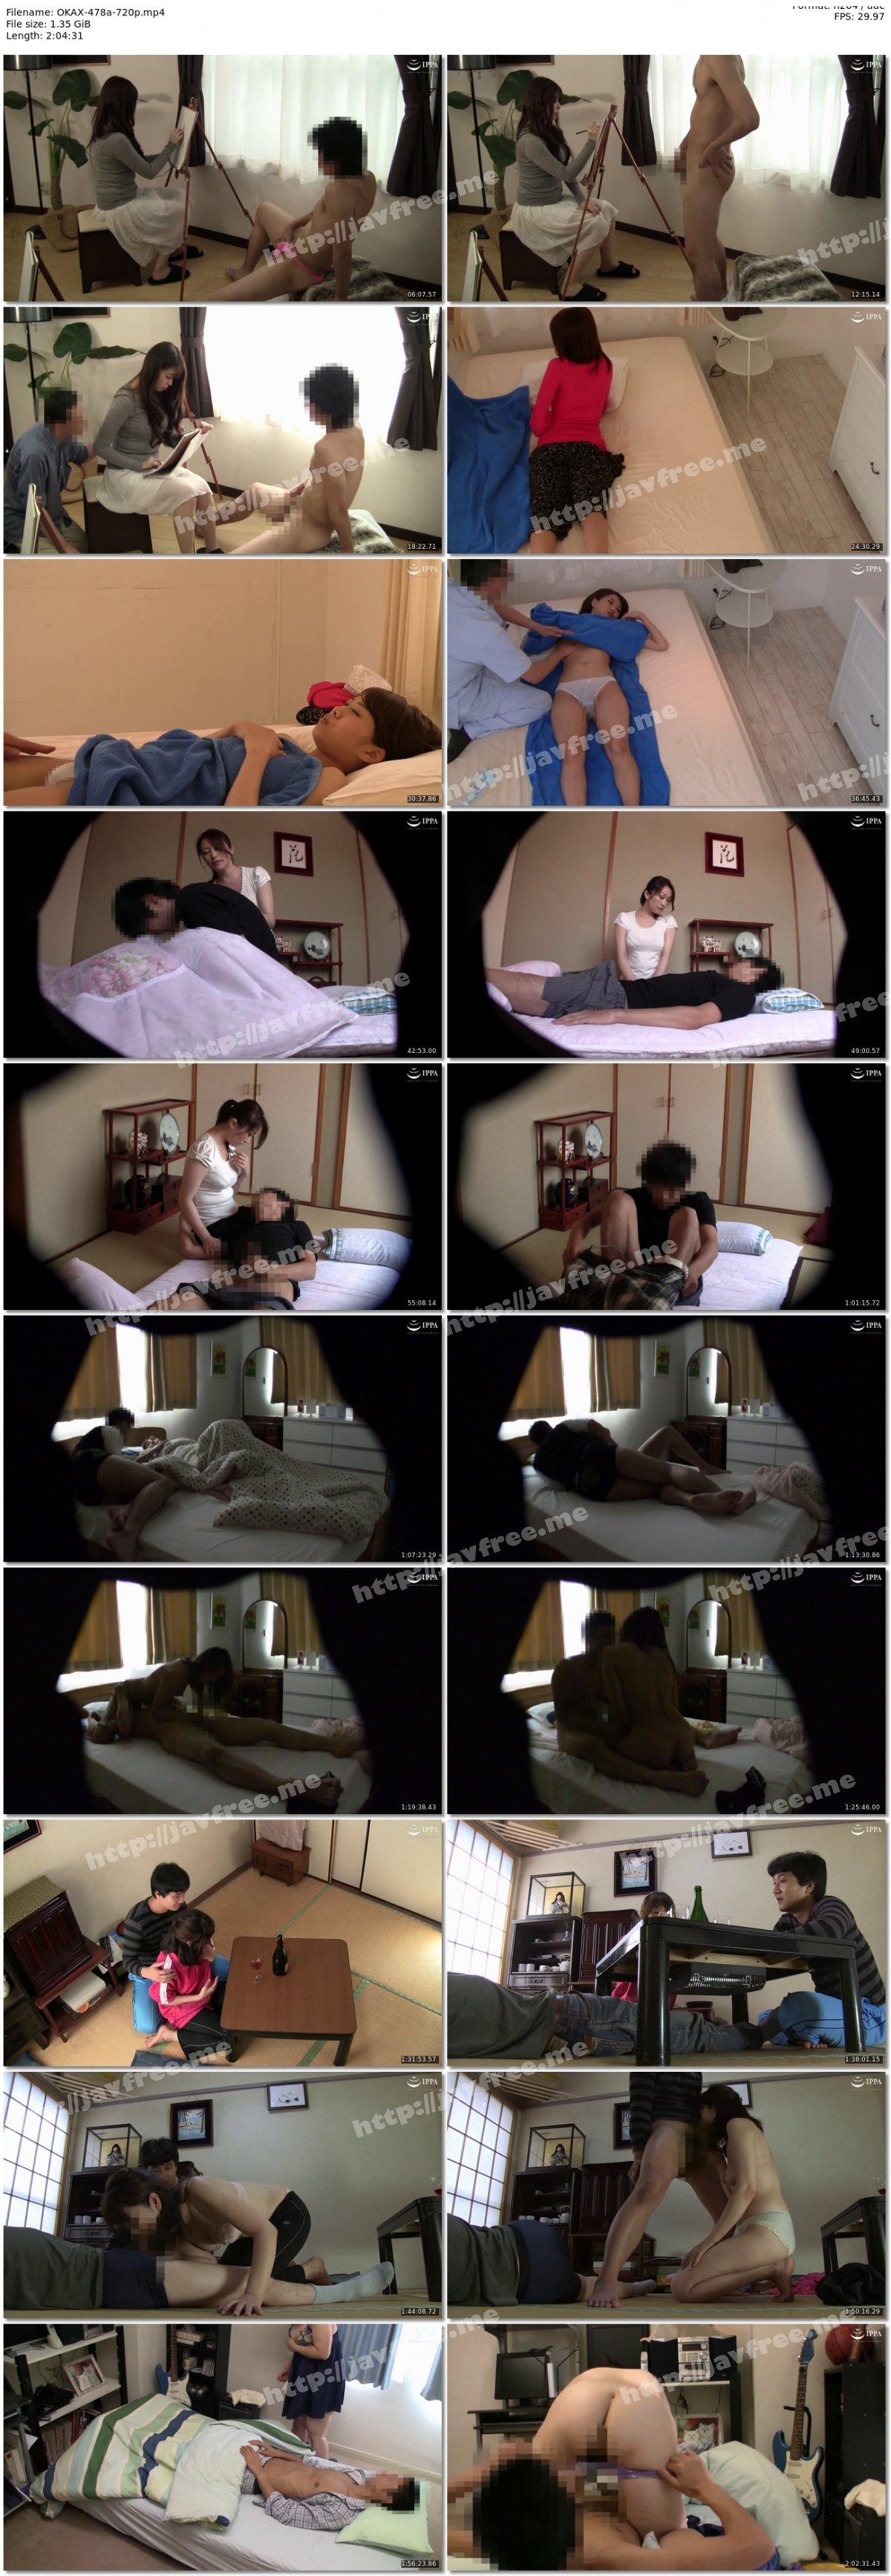 [HD][OKAX-478] 寝取らせドッキリ!人妻をダマシて若い男と二人きりにしてみたら…4時間 - image OKAX-478a-720p on https://javfree.me